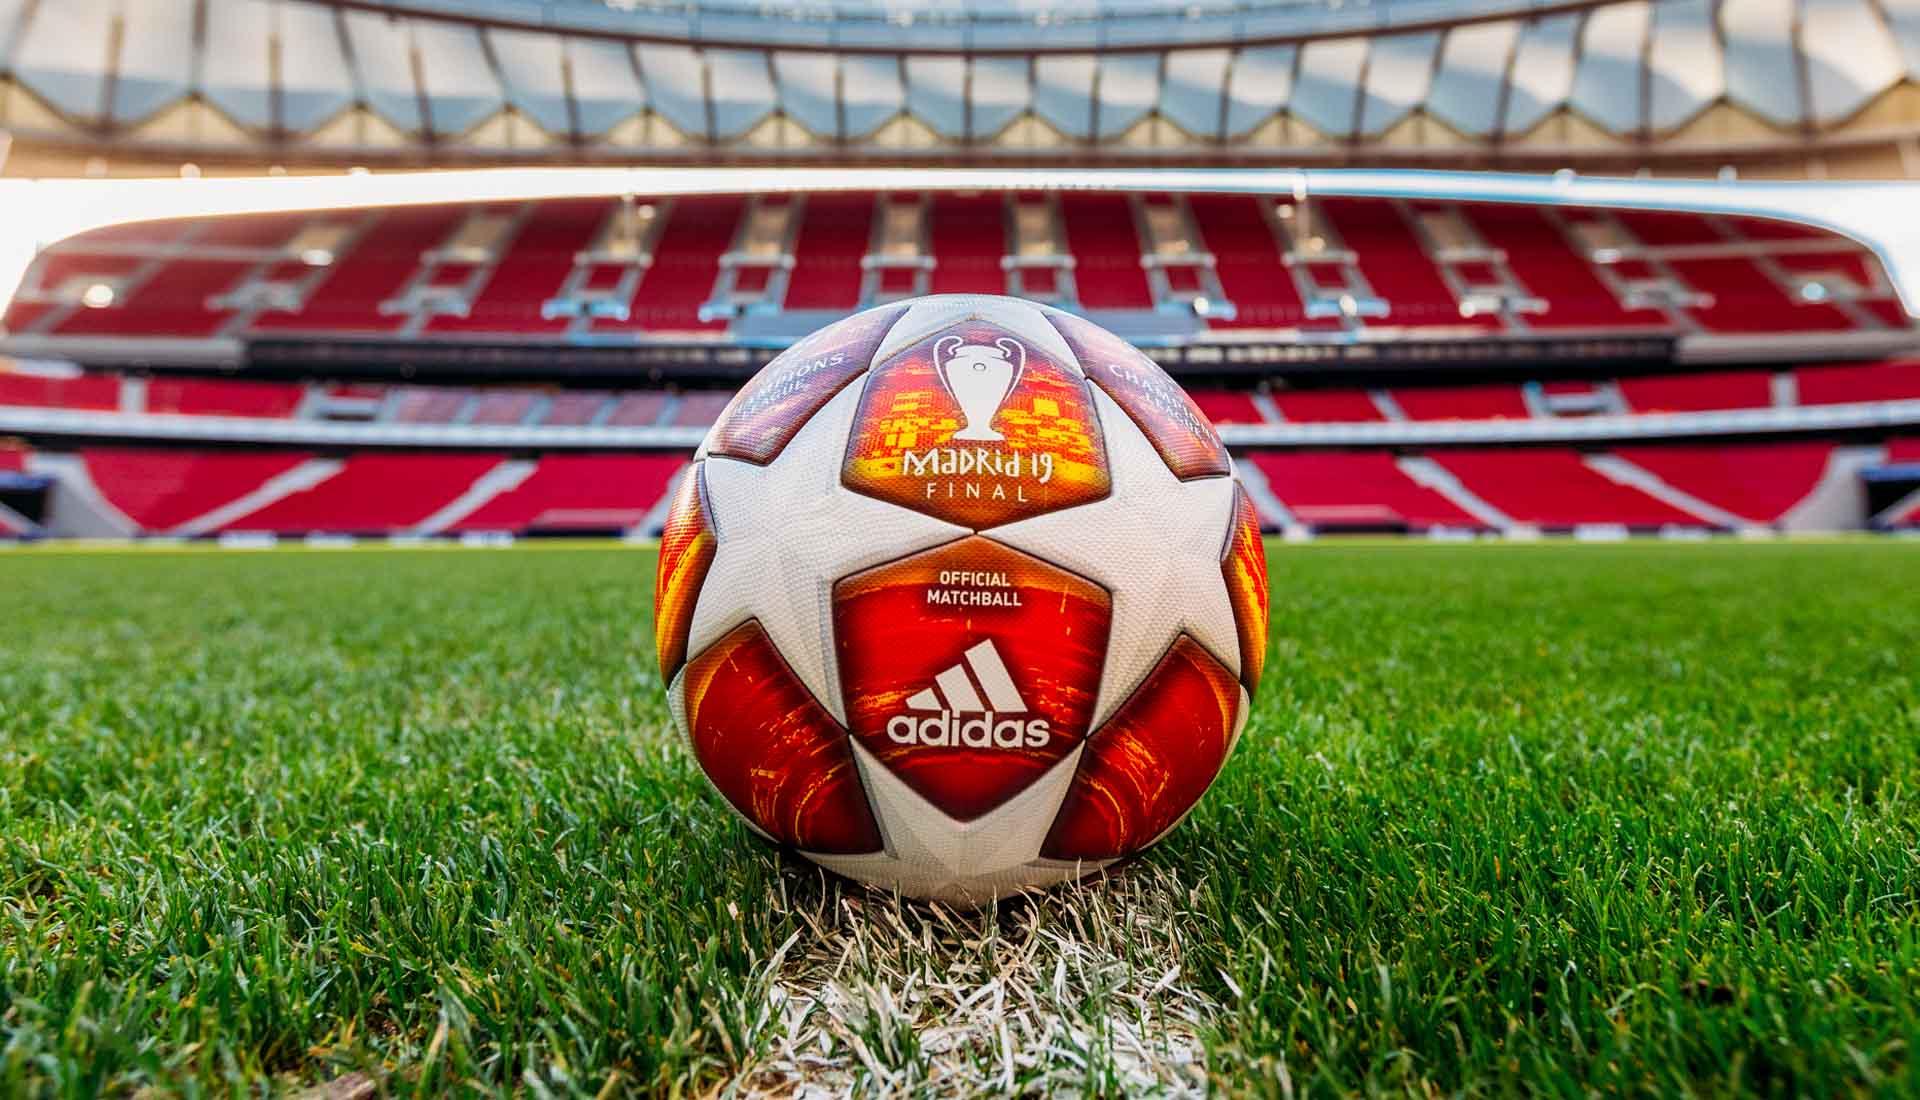 Loting Champions League 2019 Image: Adidas Dévoile Le Nouveau Ballon De La Ligue Des Champions